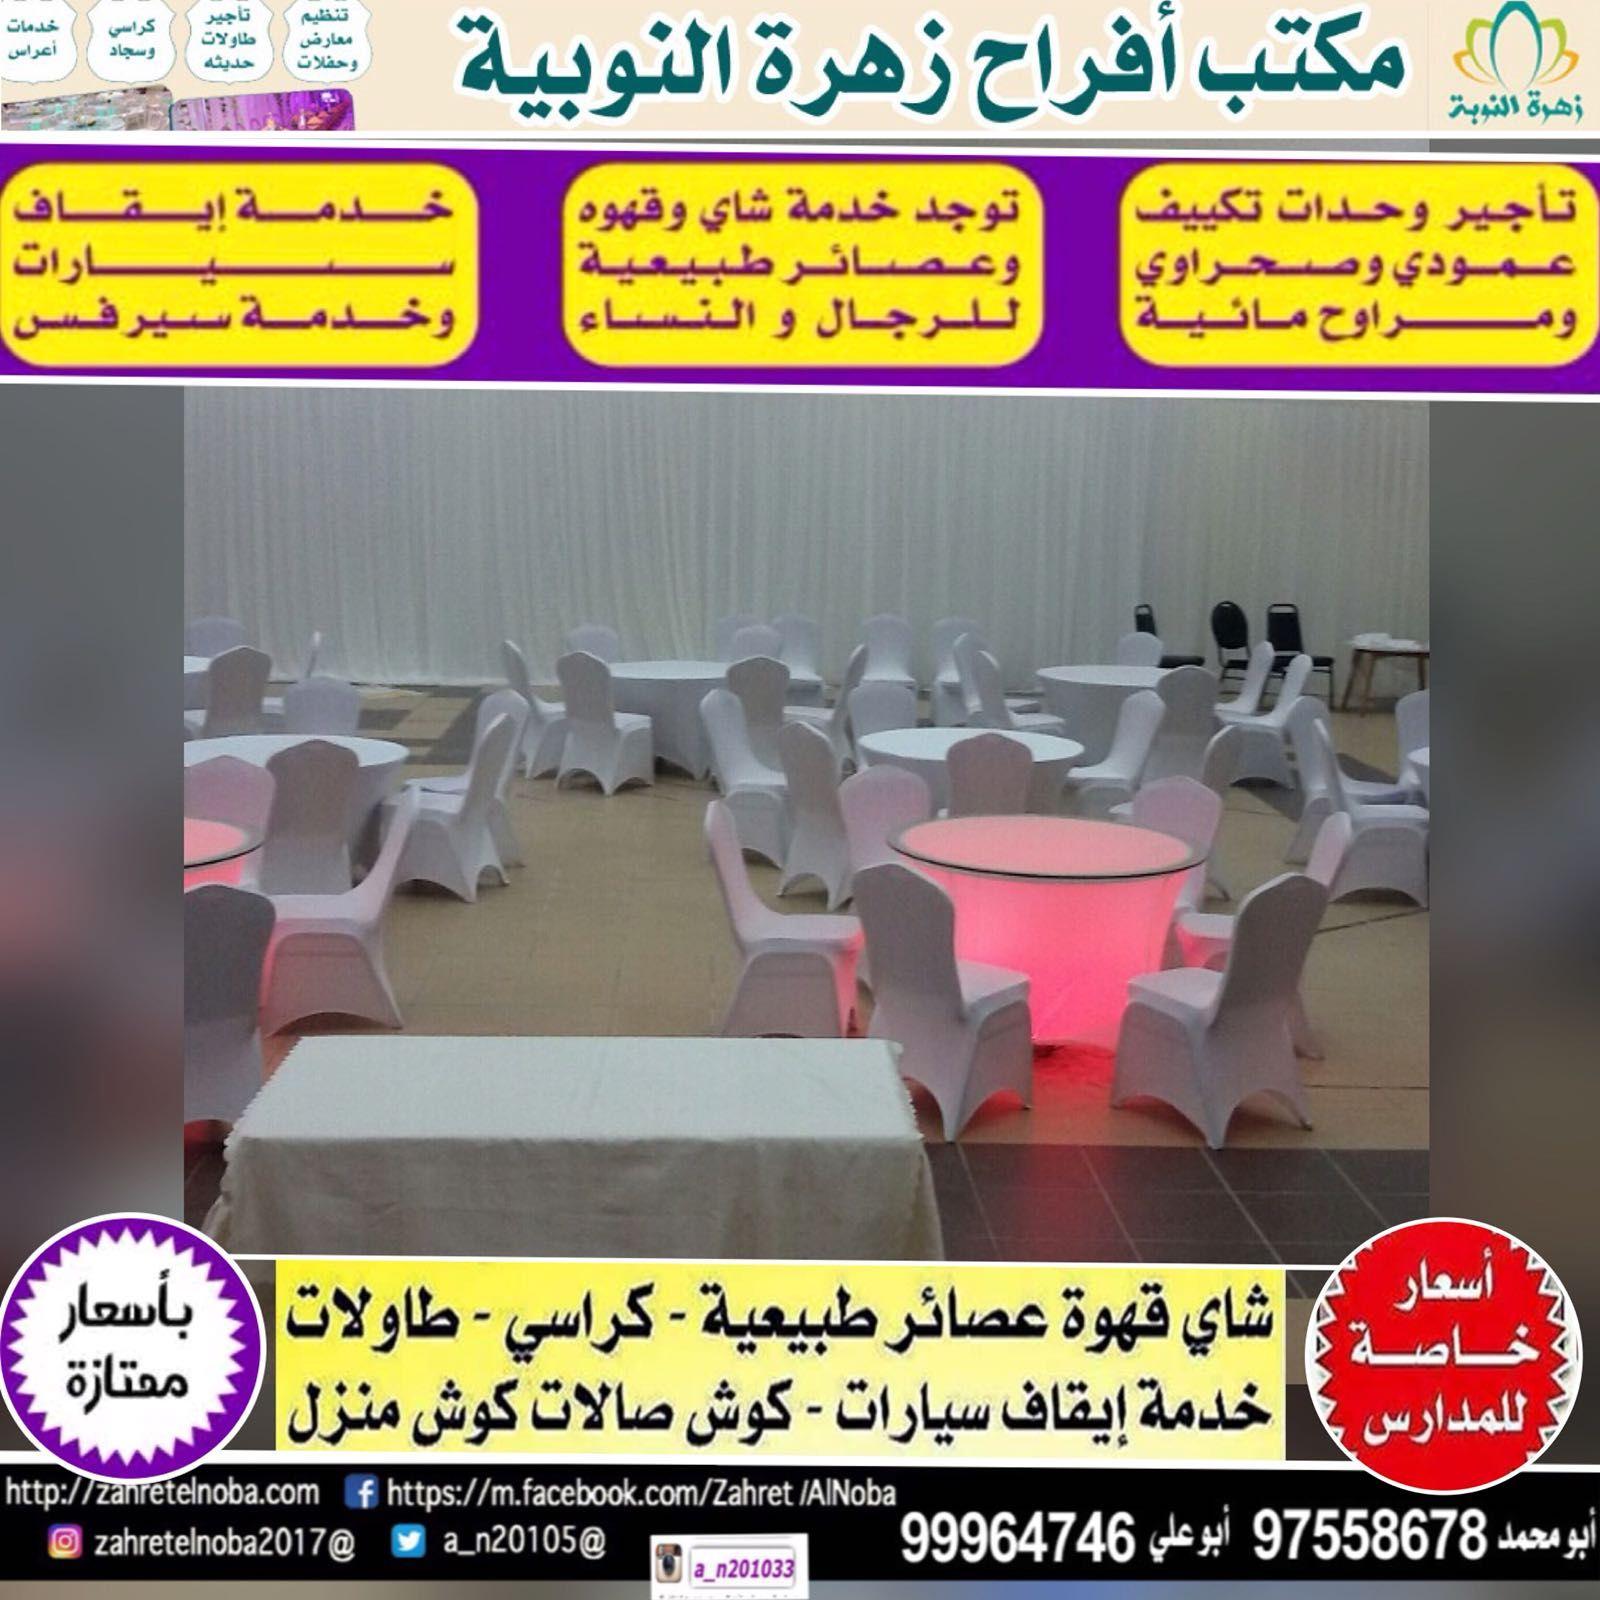 Pin On خدمات حفلات و مناسبات الكويت 97558678 99964746